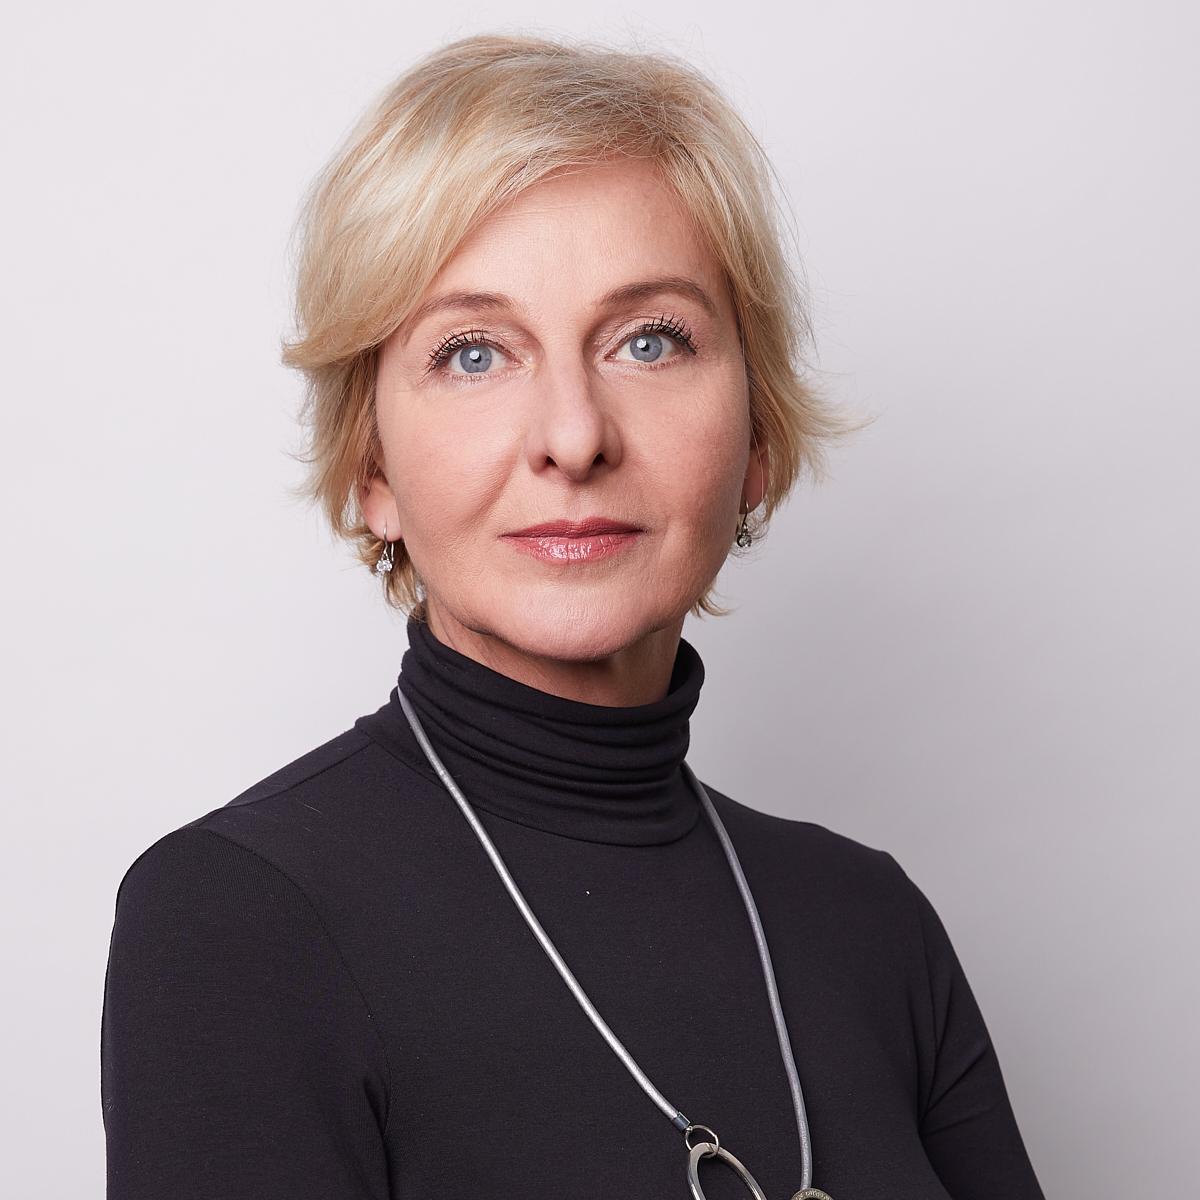 Ksenija Škrlj